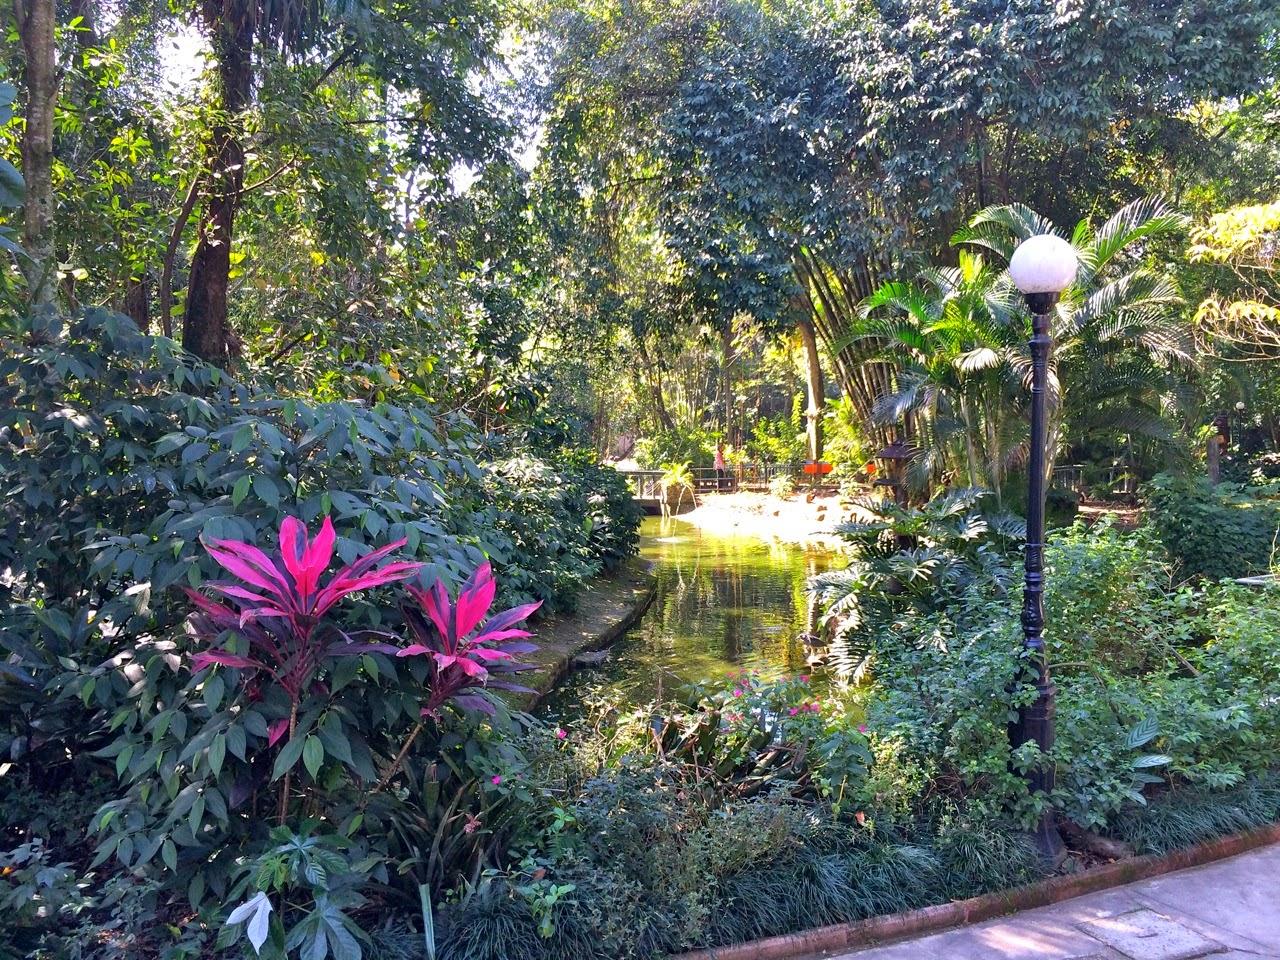 6e32b51c06 O Orquidário Municipal de Santos é um parque zoobotânico e fica localizado  no bairro José Menino. Há cerca de 450 animais no local